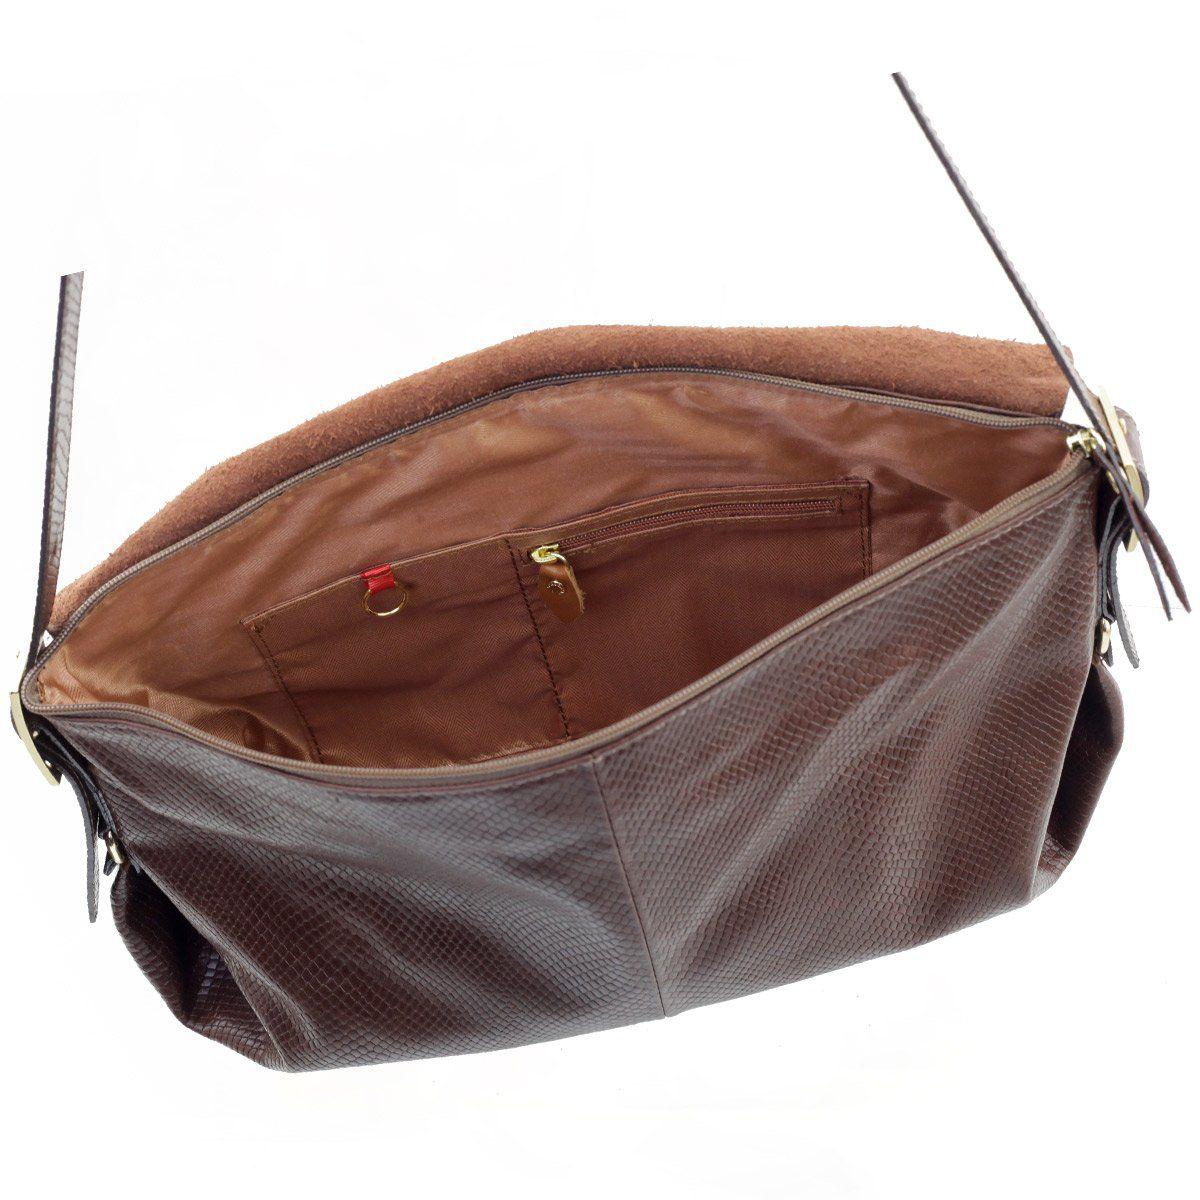 Bolsa Transversal em Couro Chocolate